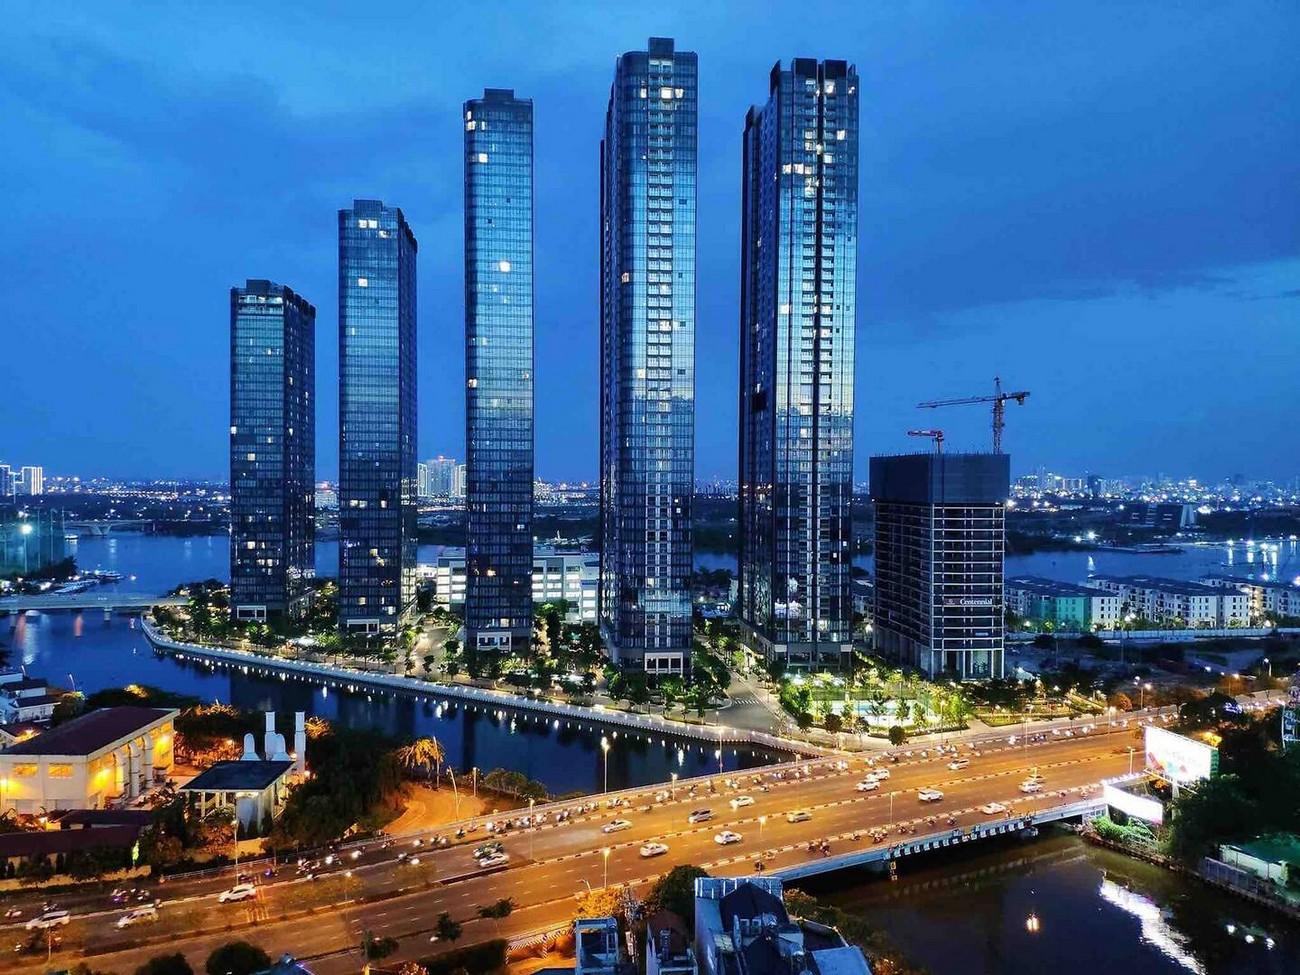 Dự án căn hộ Vinhomes Golden River Quận 1 Đường Nguyễn Hữu Cảnh chủ đầu tư Vingroup